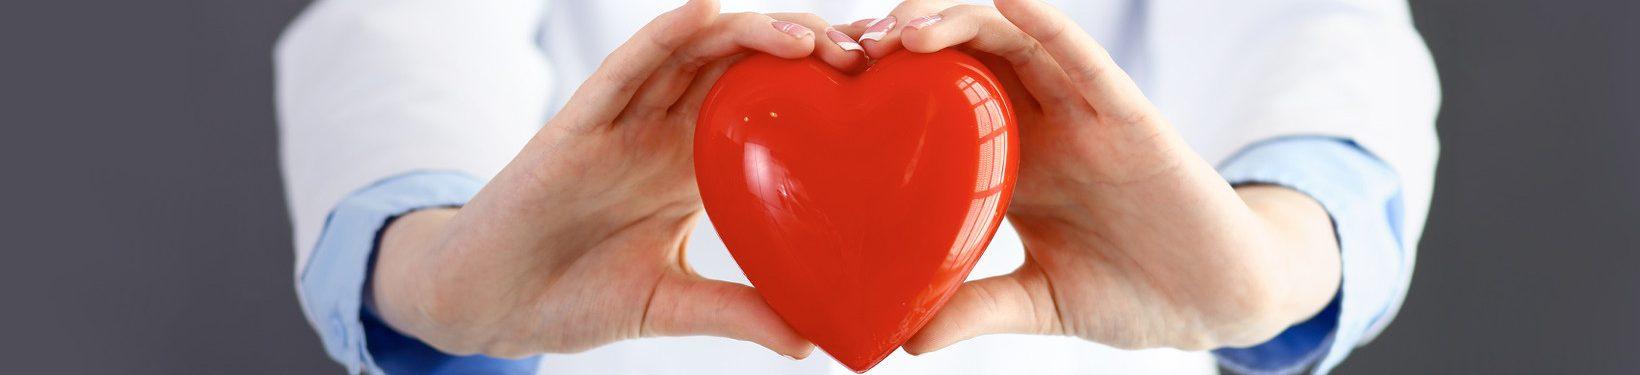 Oddział Kardiologiczny z Pododdziałem Intensywnego Nadzoru Kardiologicznego